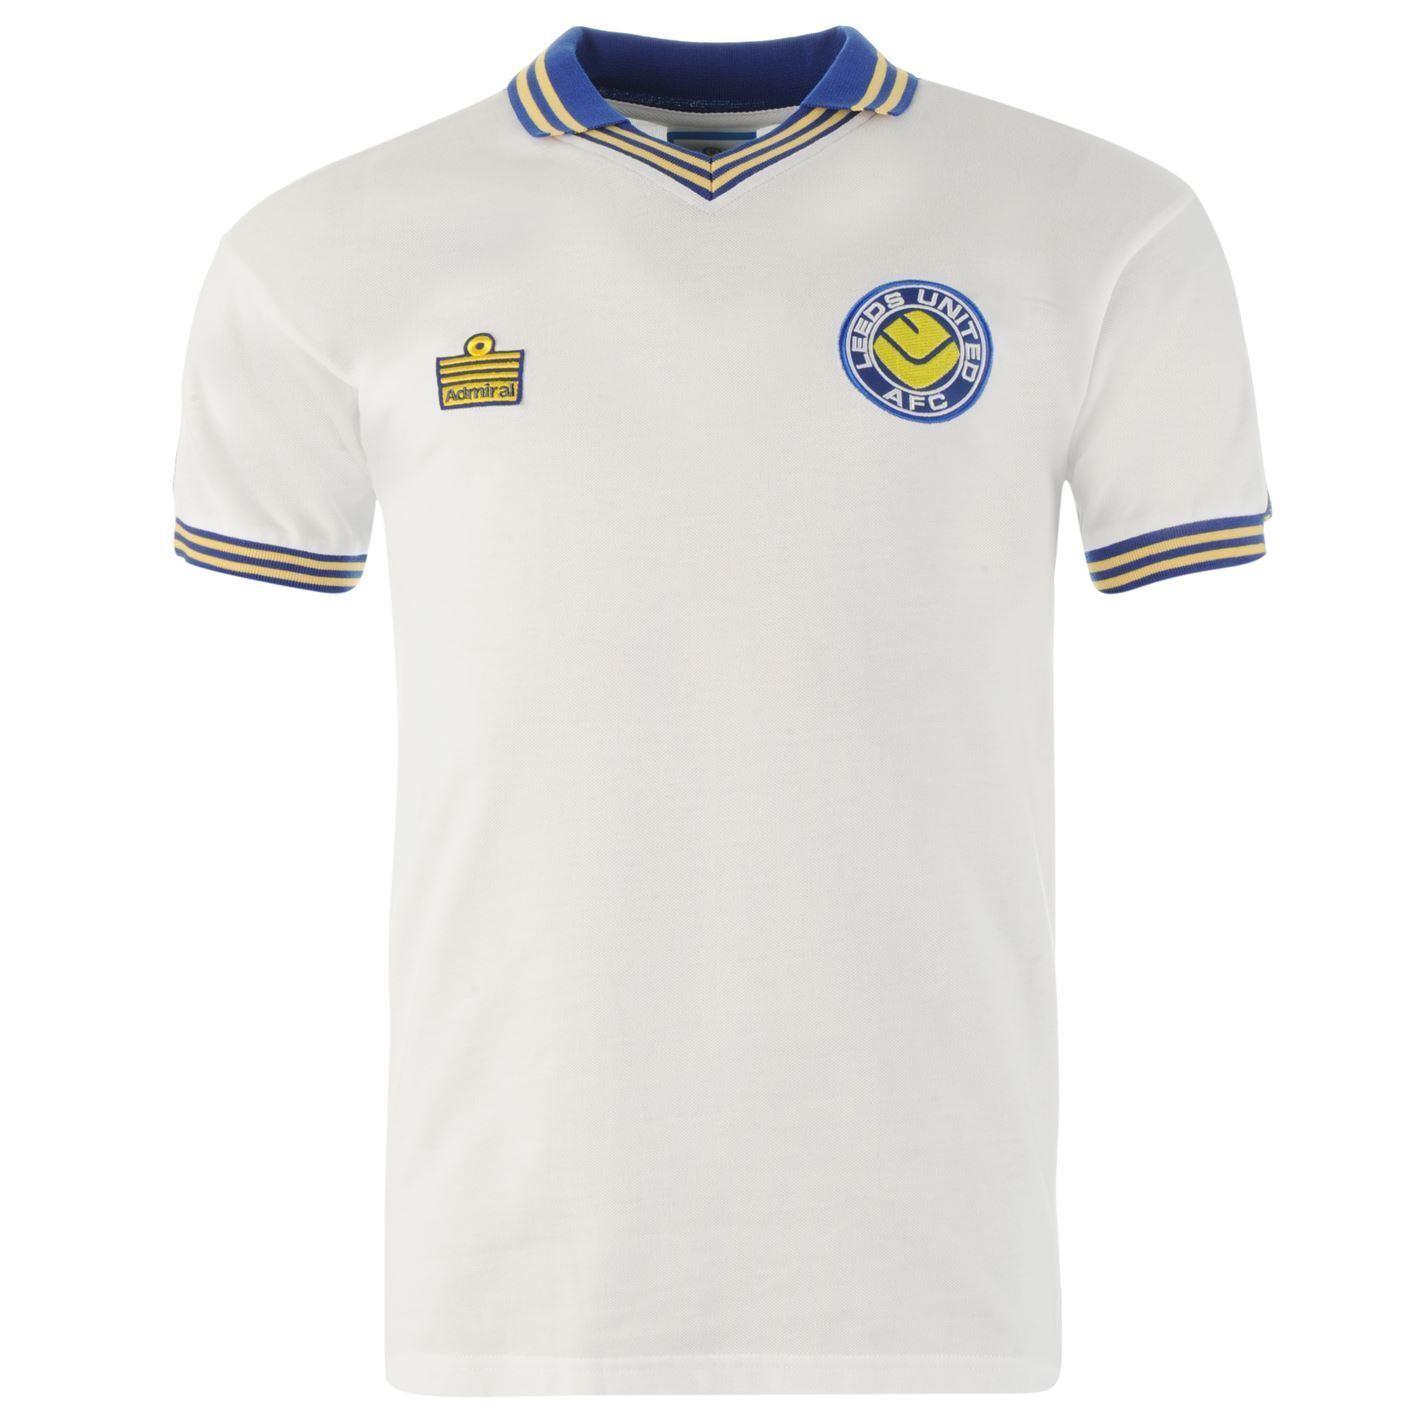 Leeds United 1982 Retro Home Jersey para hombre blancoo Fútbol Ventilador Camisa Prenda para el torso Camiseta